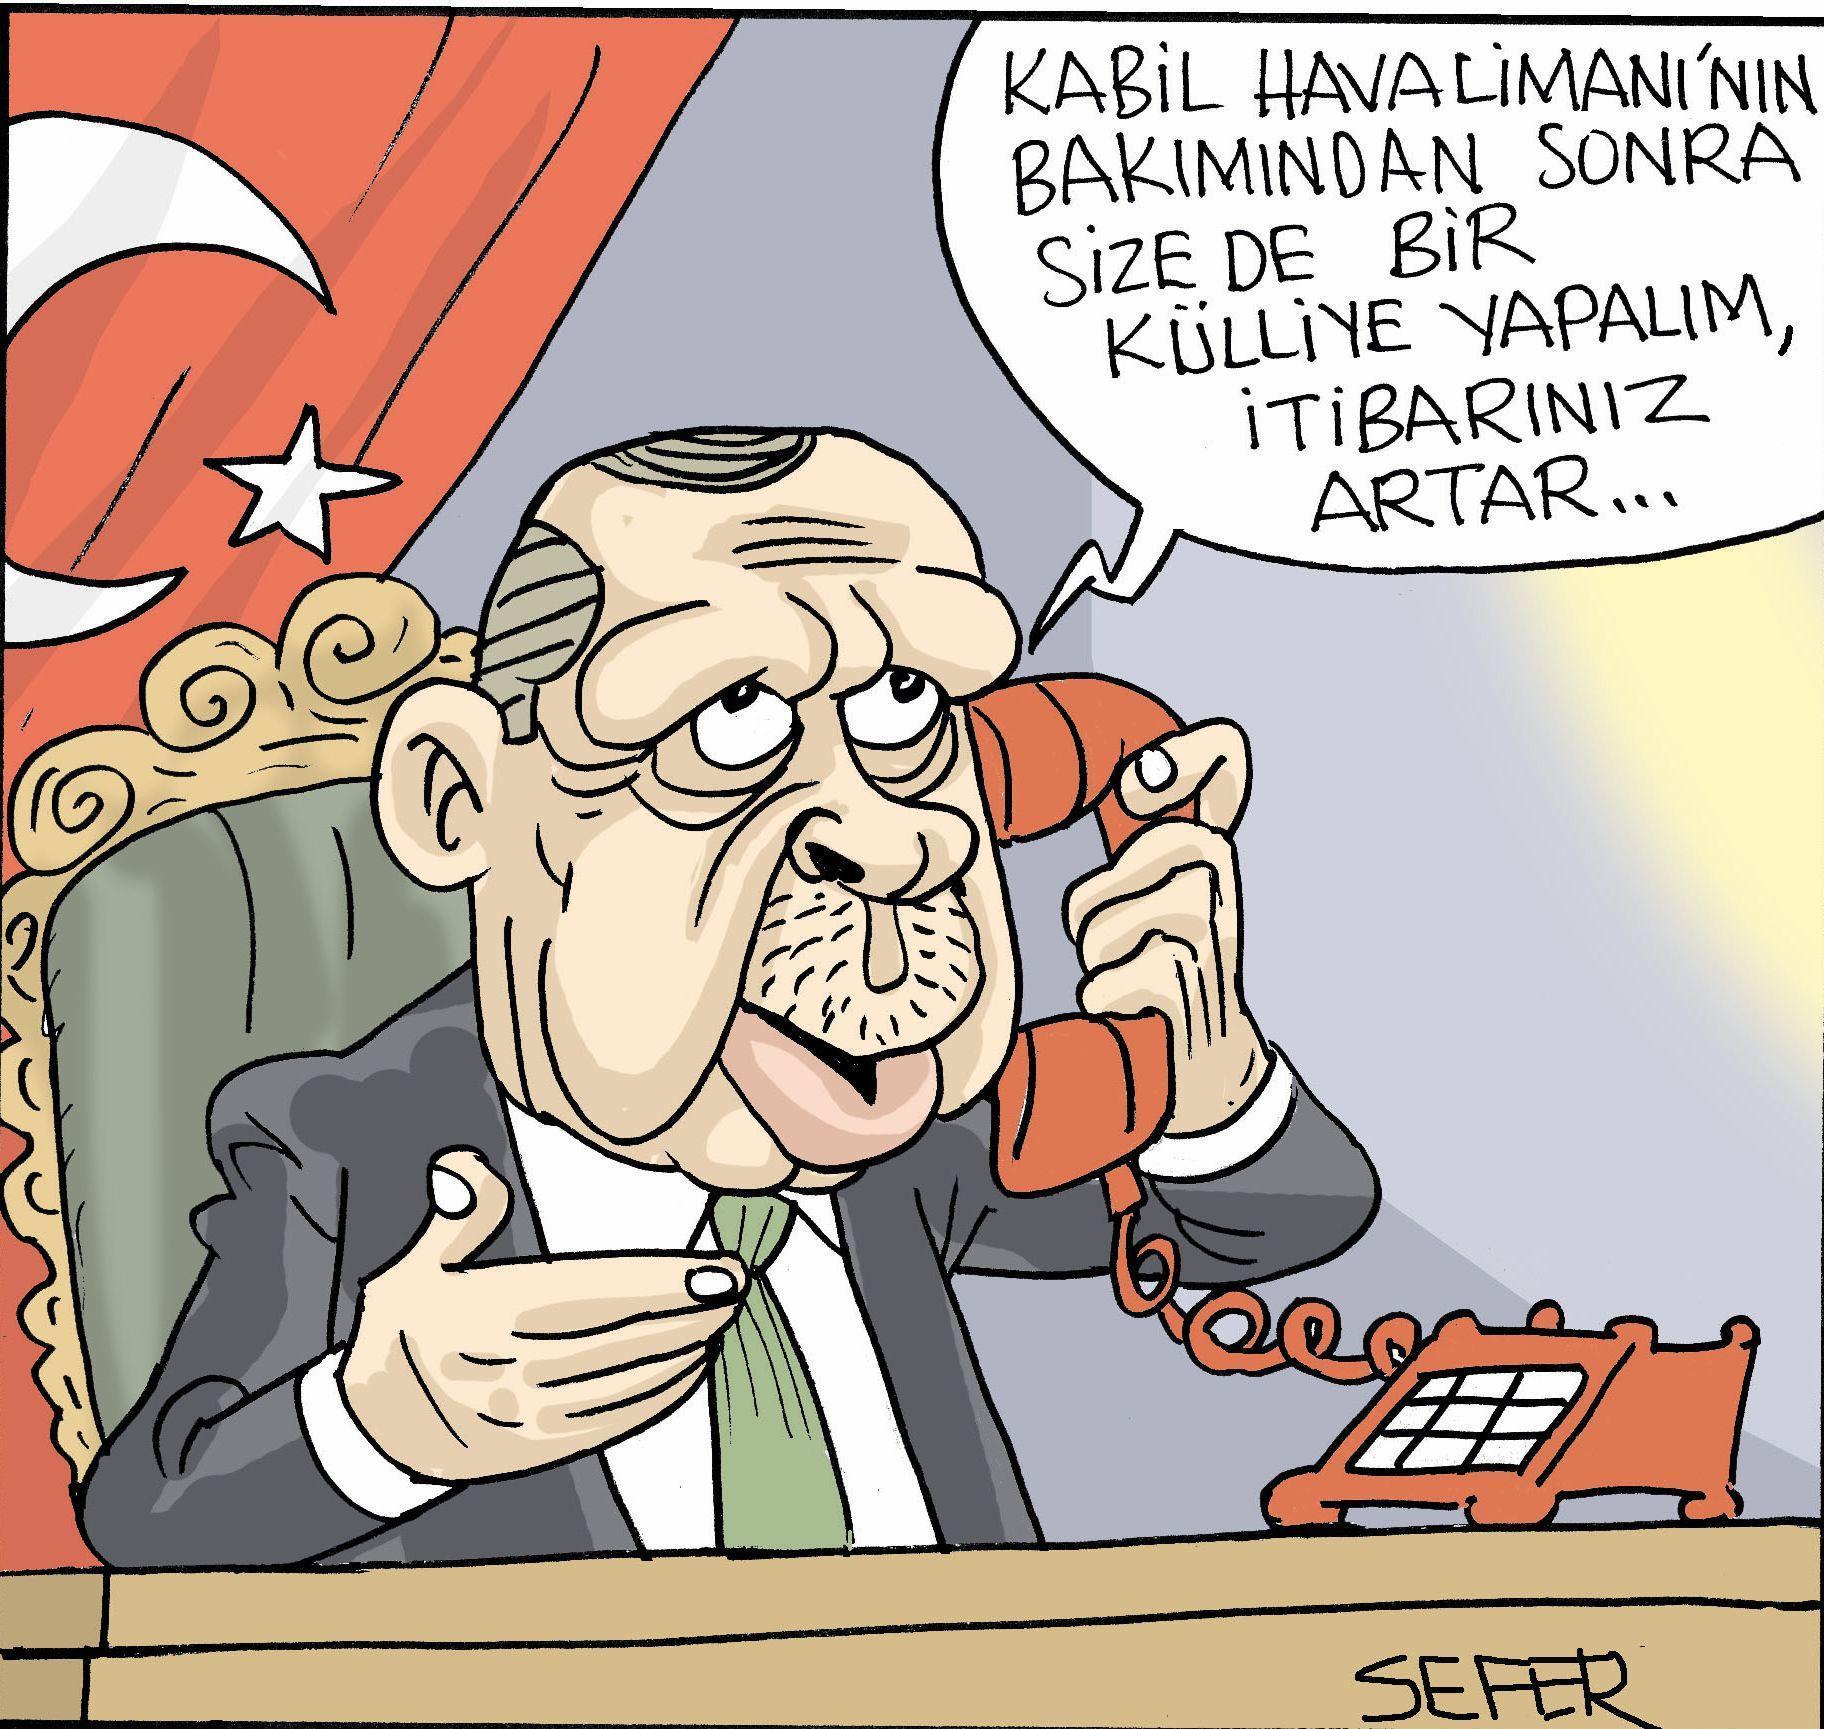 Katar ve Türkiye, Kabil Havalimanı için çalışıyor!